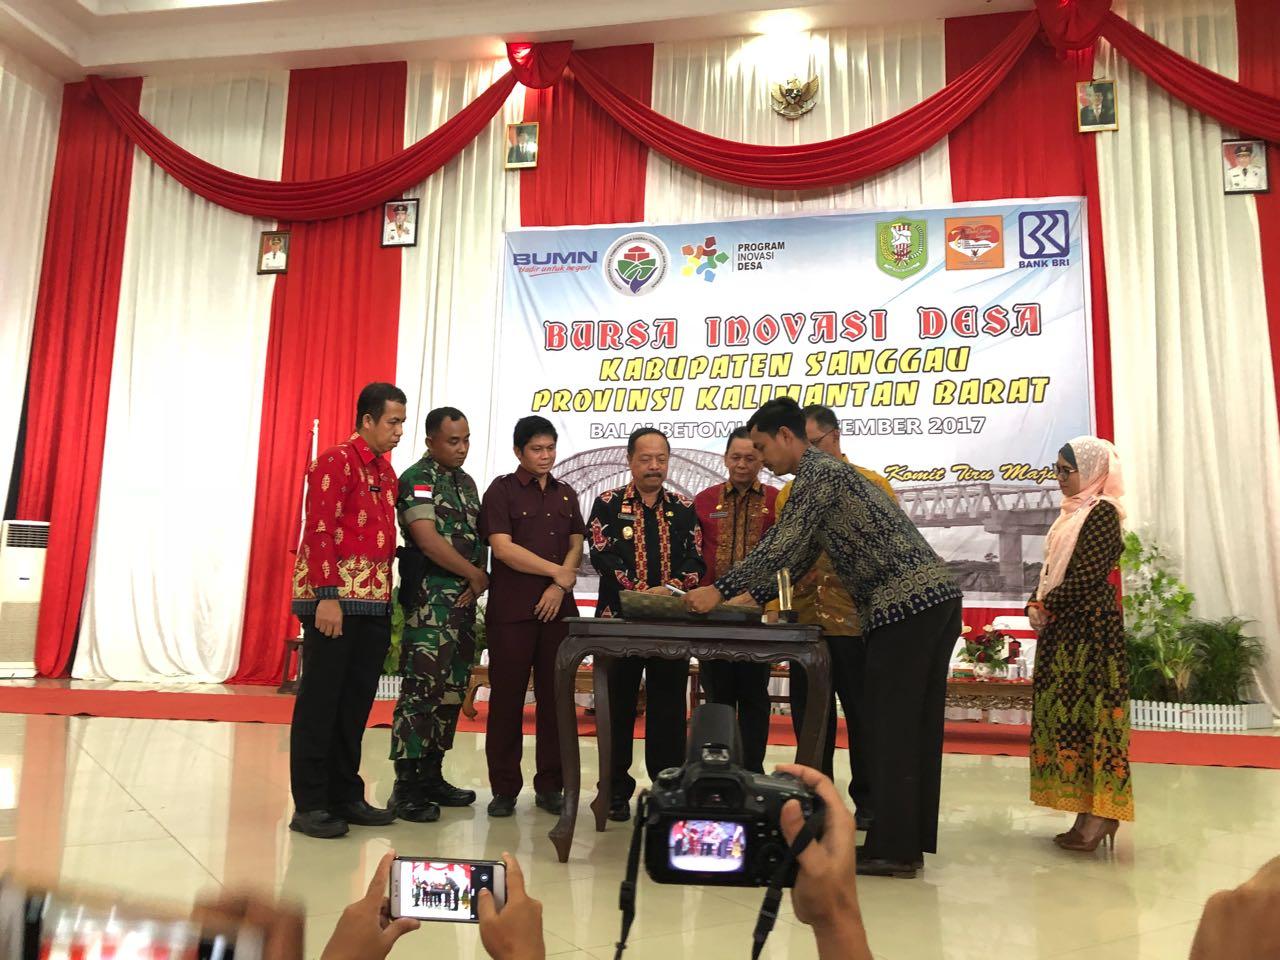 DPMPEMDES Kabupaten Sanggau Perdana Gelar Bursa Inovasi Desa